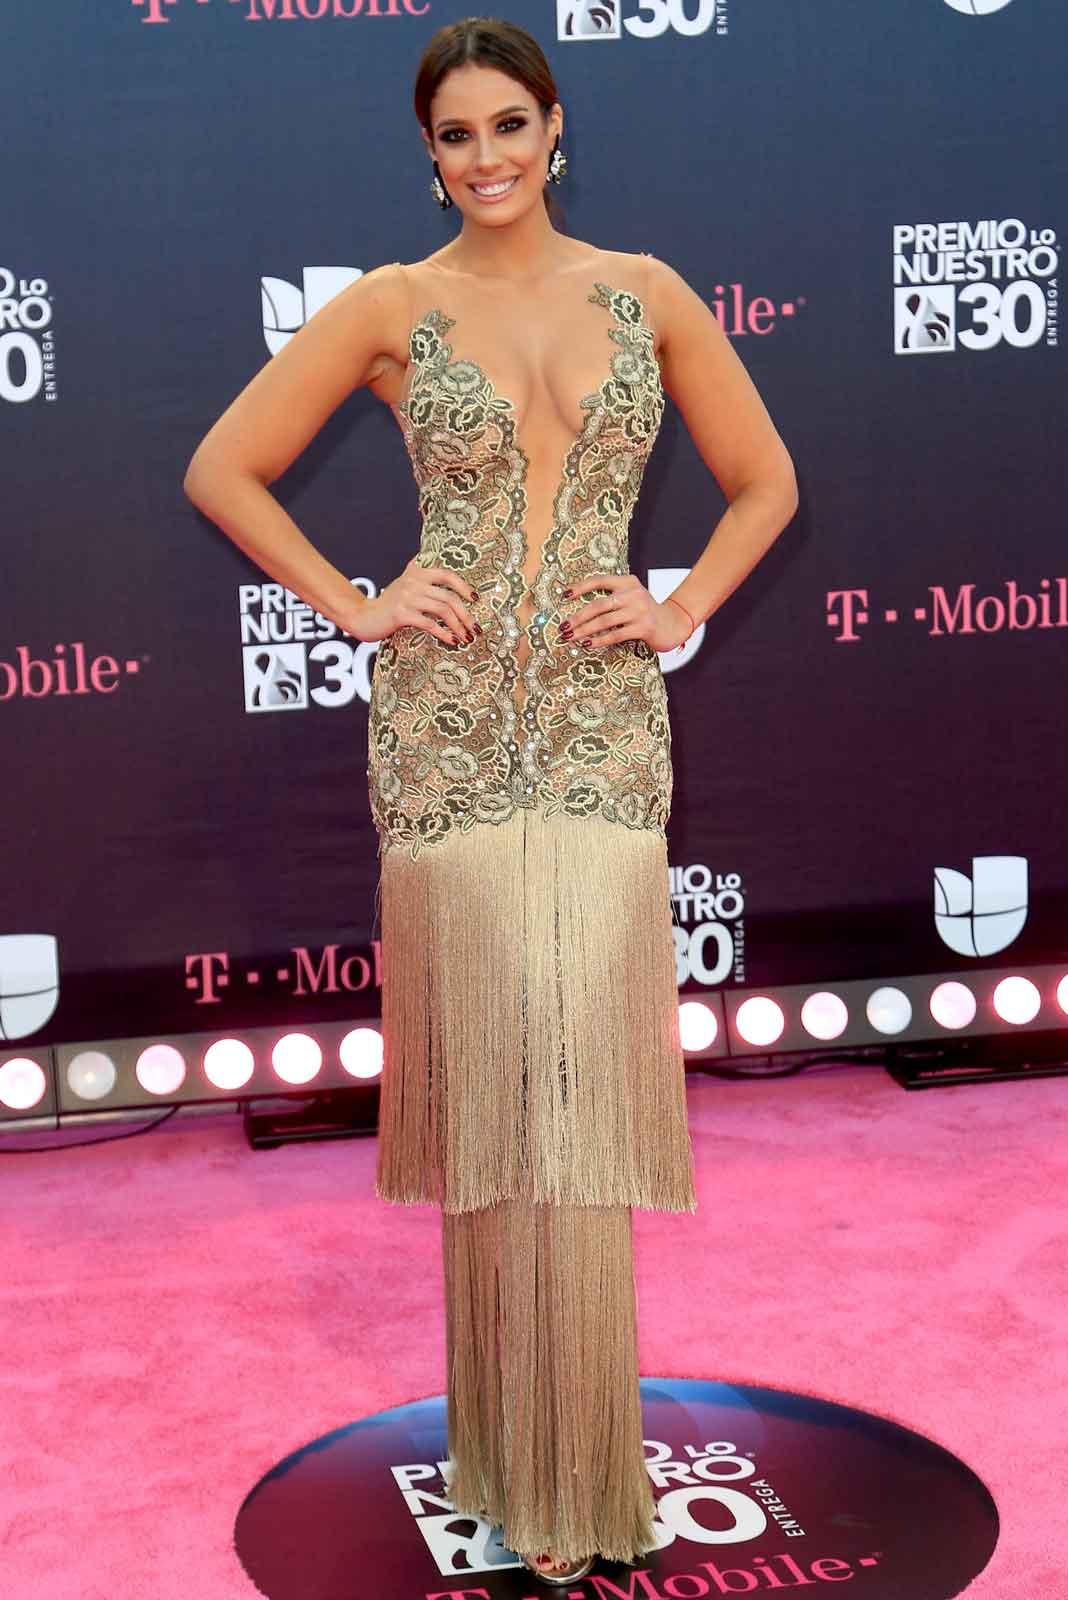 La mitad del vestido de Aleyda Ortiz es bello, lástima de esas barbas de cabaretera